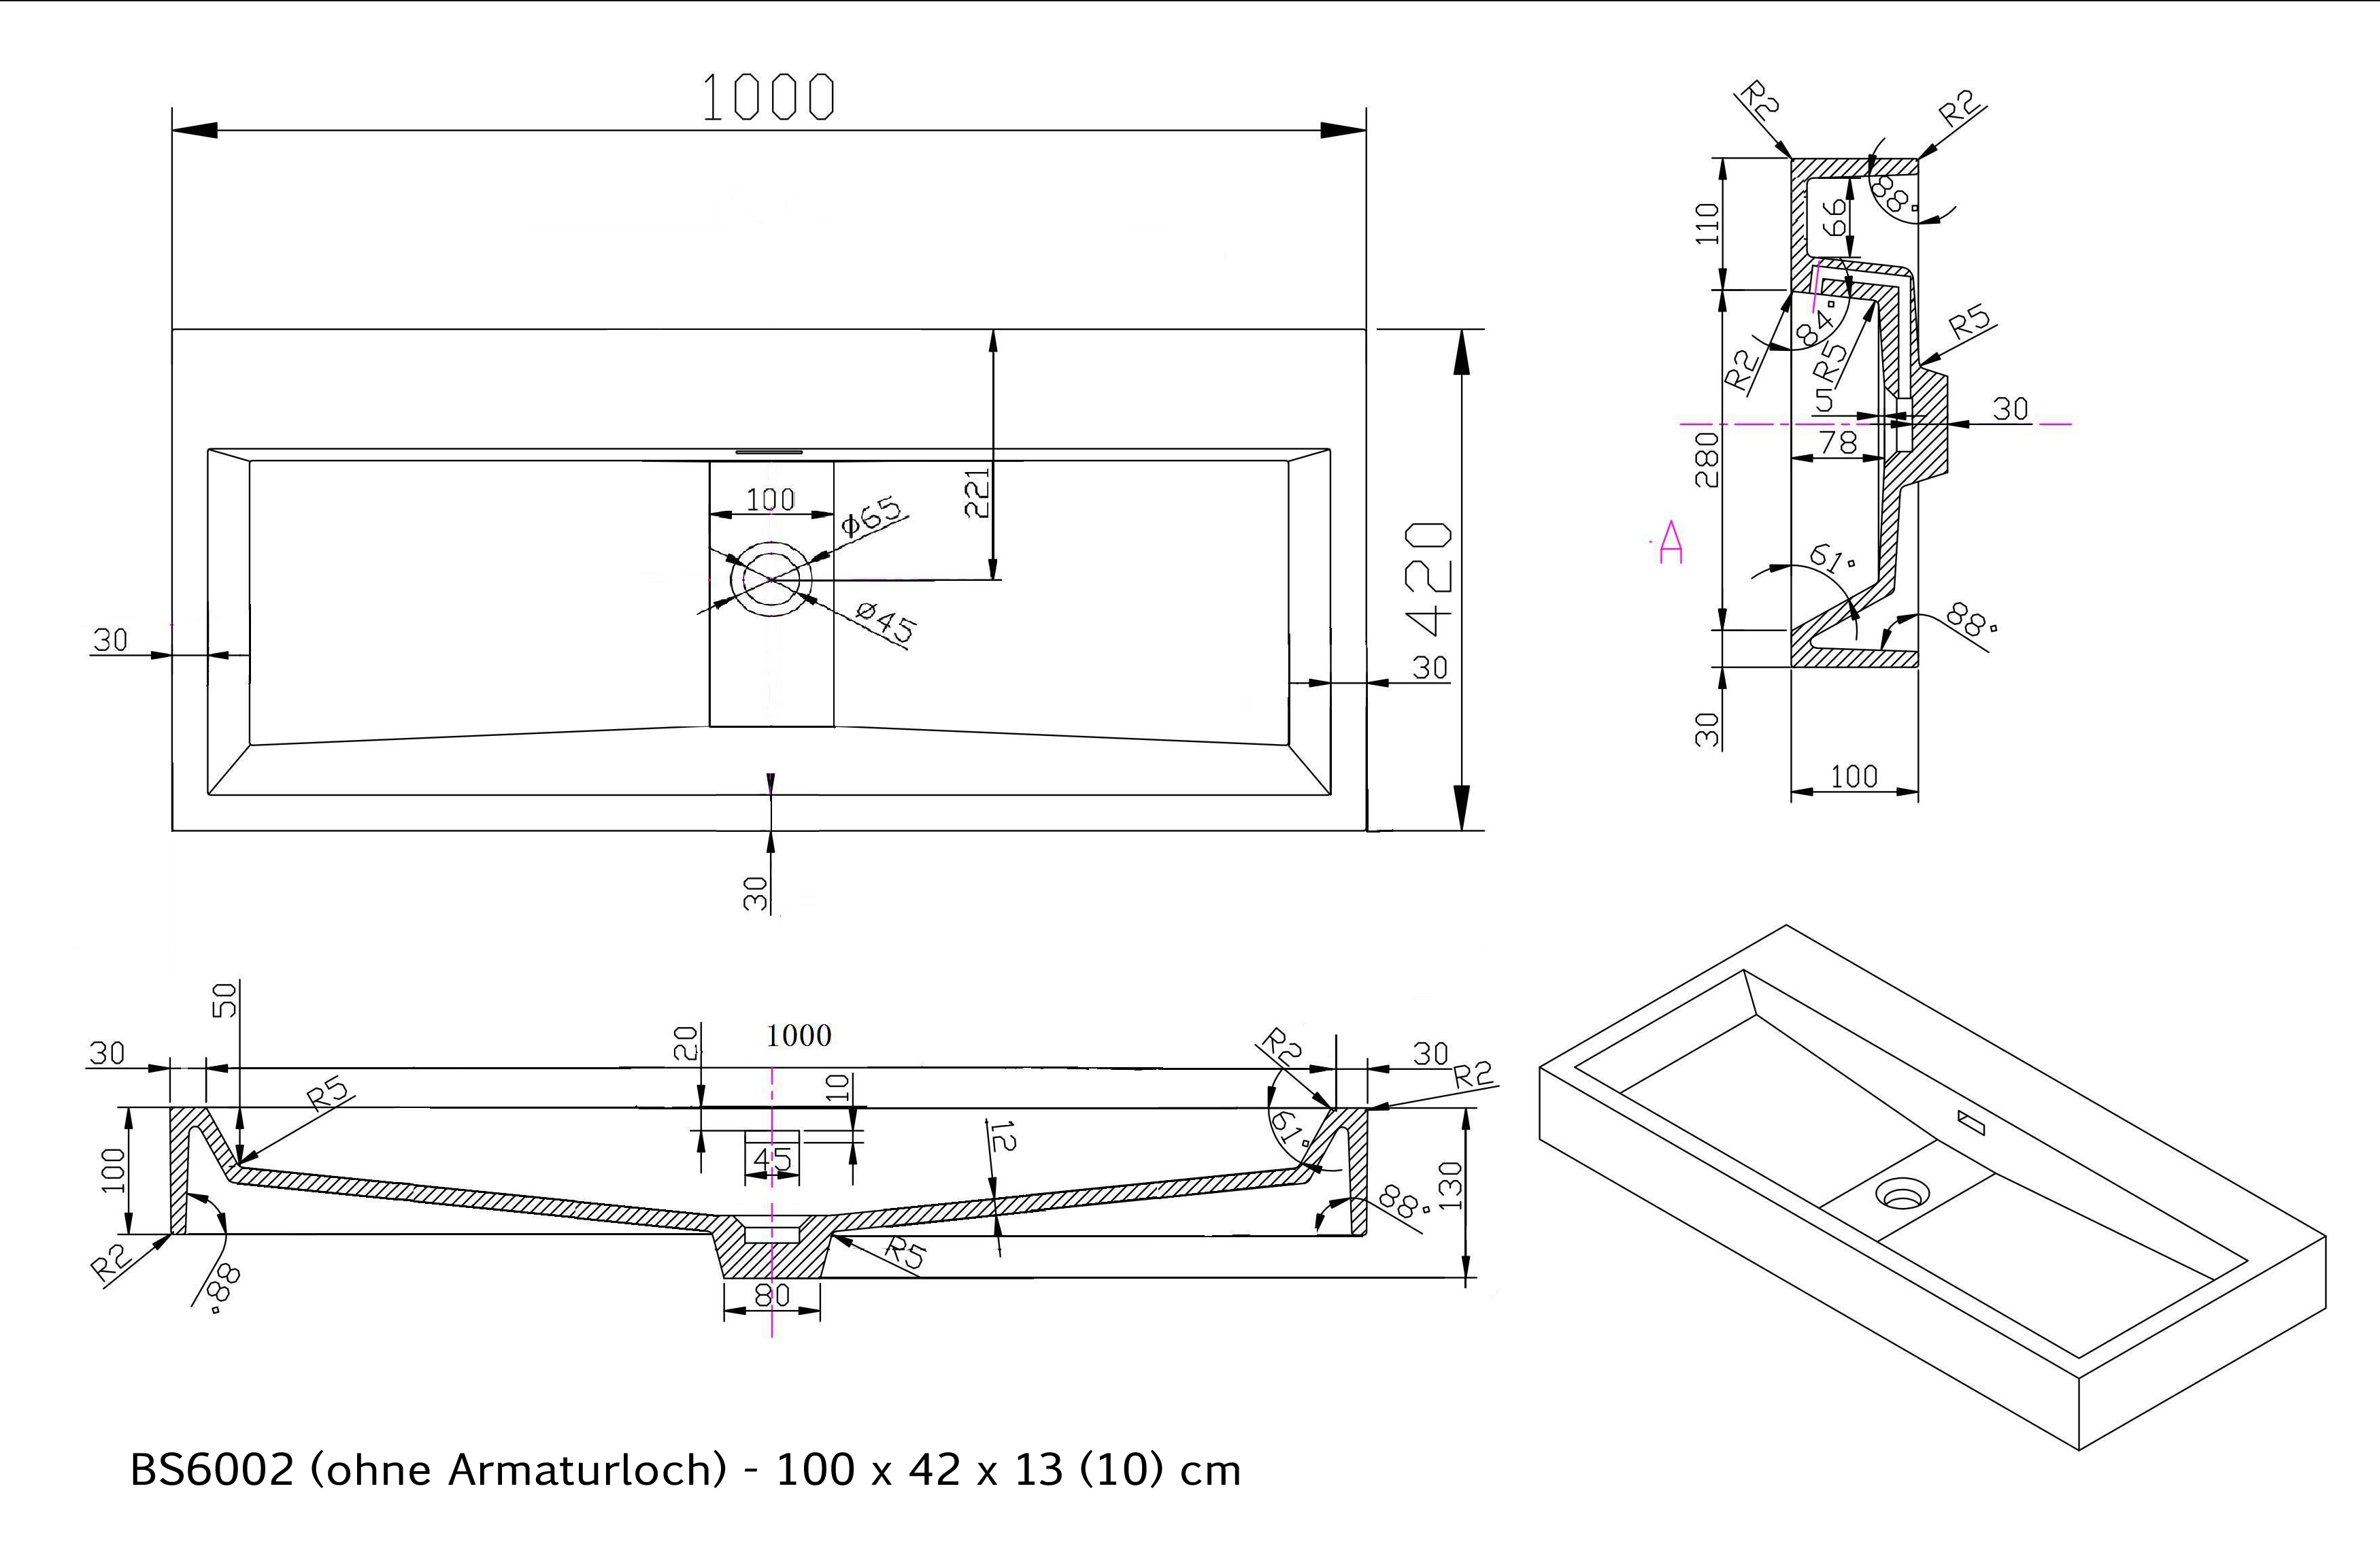 BS6002 - Breite 100cm - ohne Armaturloch